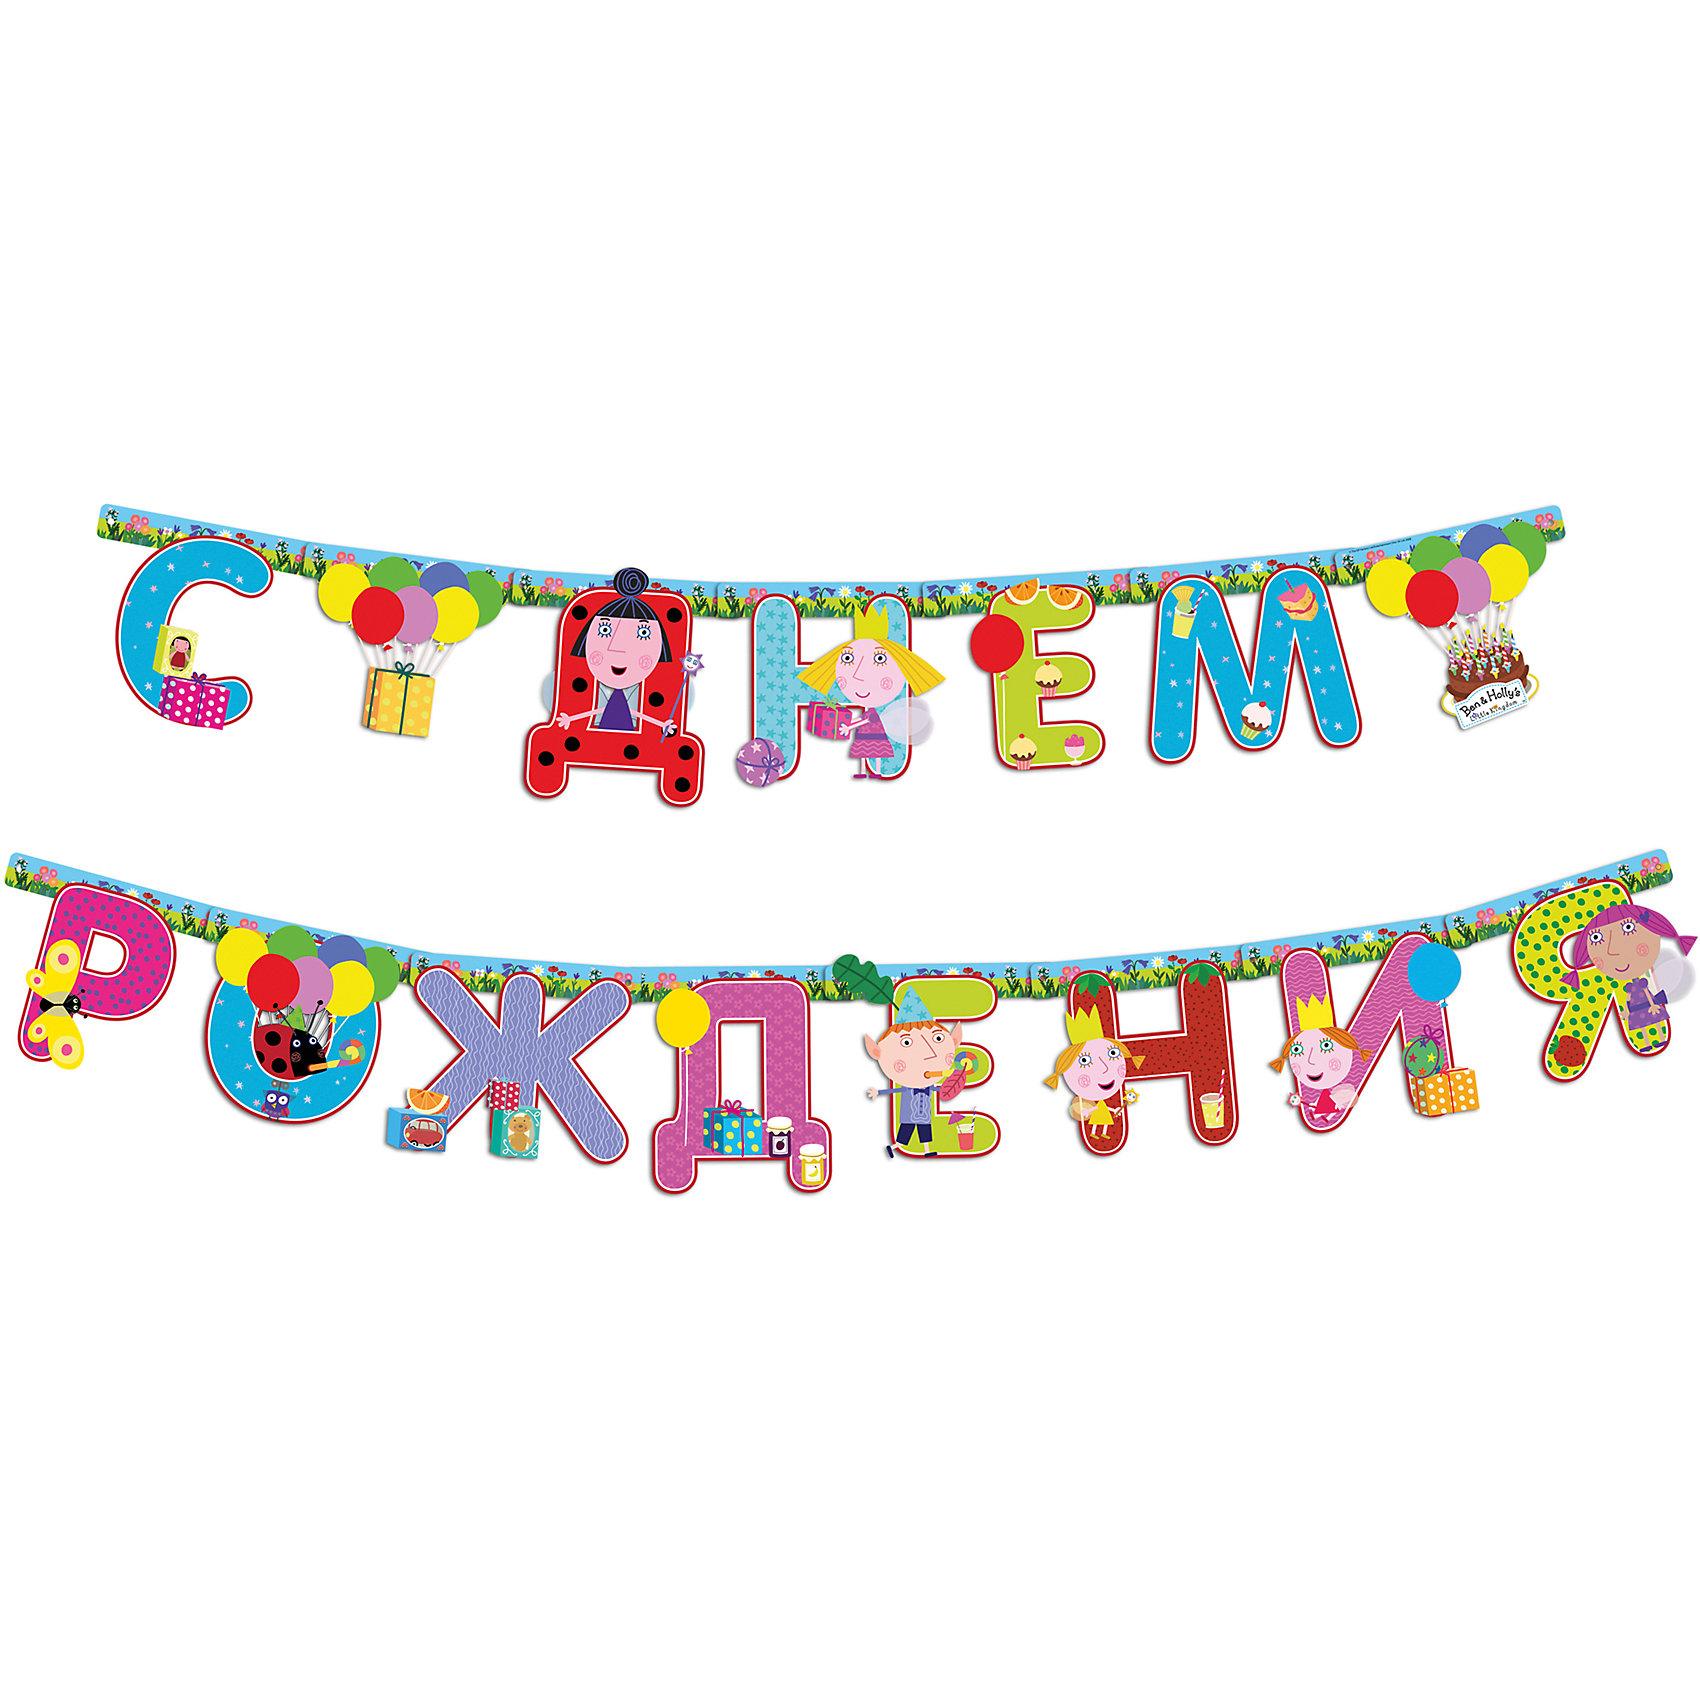 Гирлянда C днем рождения 2,5 м., Бен и ХоллиВсё для праздника<br>Красочная, привлекательная гирлянда C Днем Рождения с милыми героями мультфильма Бен и Холли ярко украсит помещение к детскому празднику и поднимет настроение всем участникам торжества.&#13;<br>Гирлянда длиной 2,5 м изготовлена из бумаги, имеет высоту букв 14 см. Способ крепления - люверс.<br><br>Ширина мм: 205<br>Глубина мм: 4<br>Высота мм: 245<br>Вес г: 90<br>Возраст от месяцев: 36<br>Возраст до месяцев: 2147483647<br>Пол: Унисекс<br>Возраст: Детский<br>SKU: 6912276